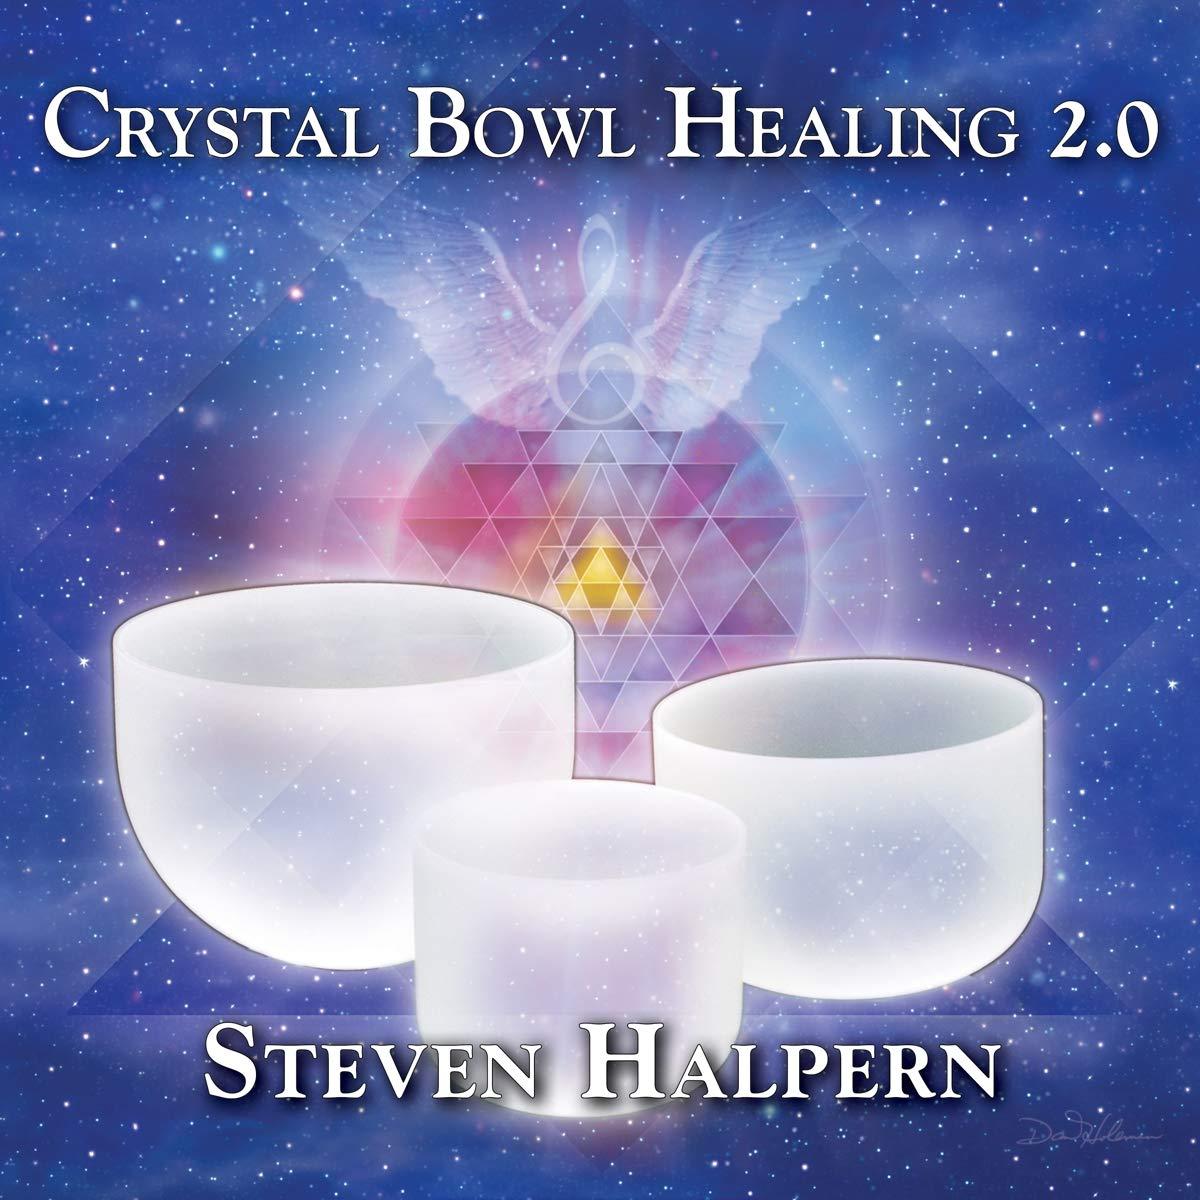 Crystal Bowl Healing 2.0